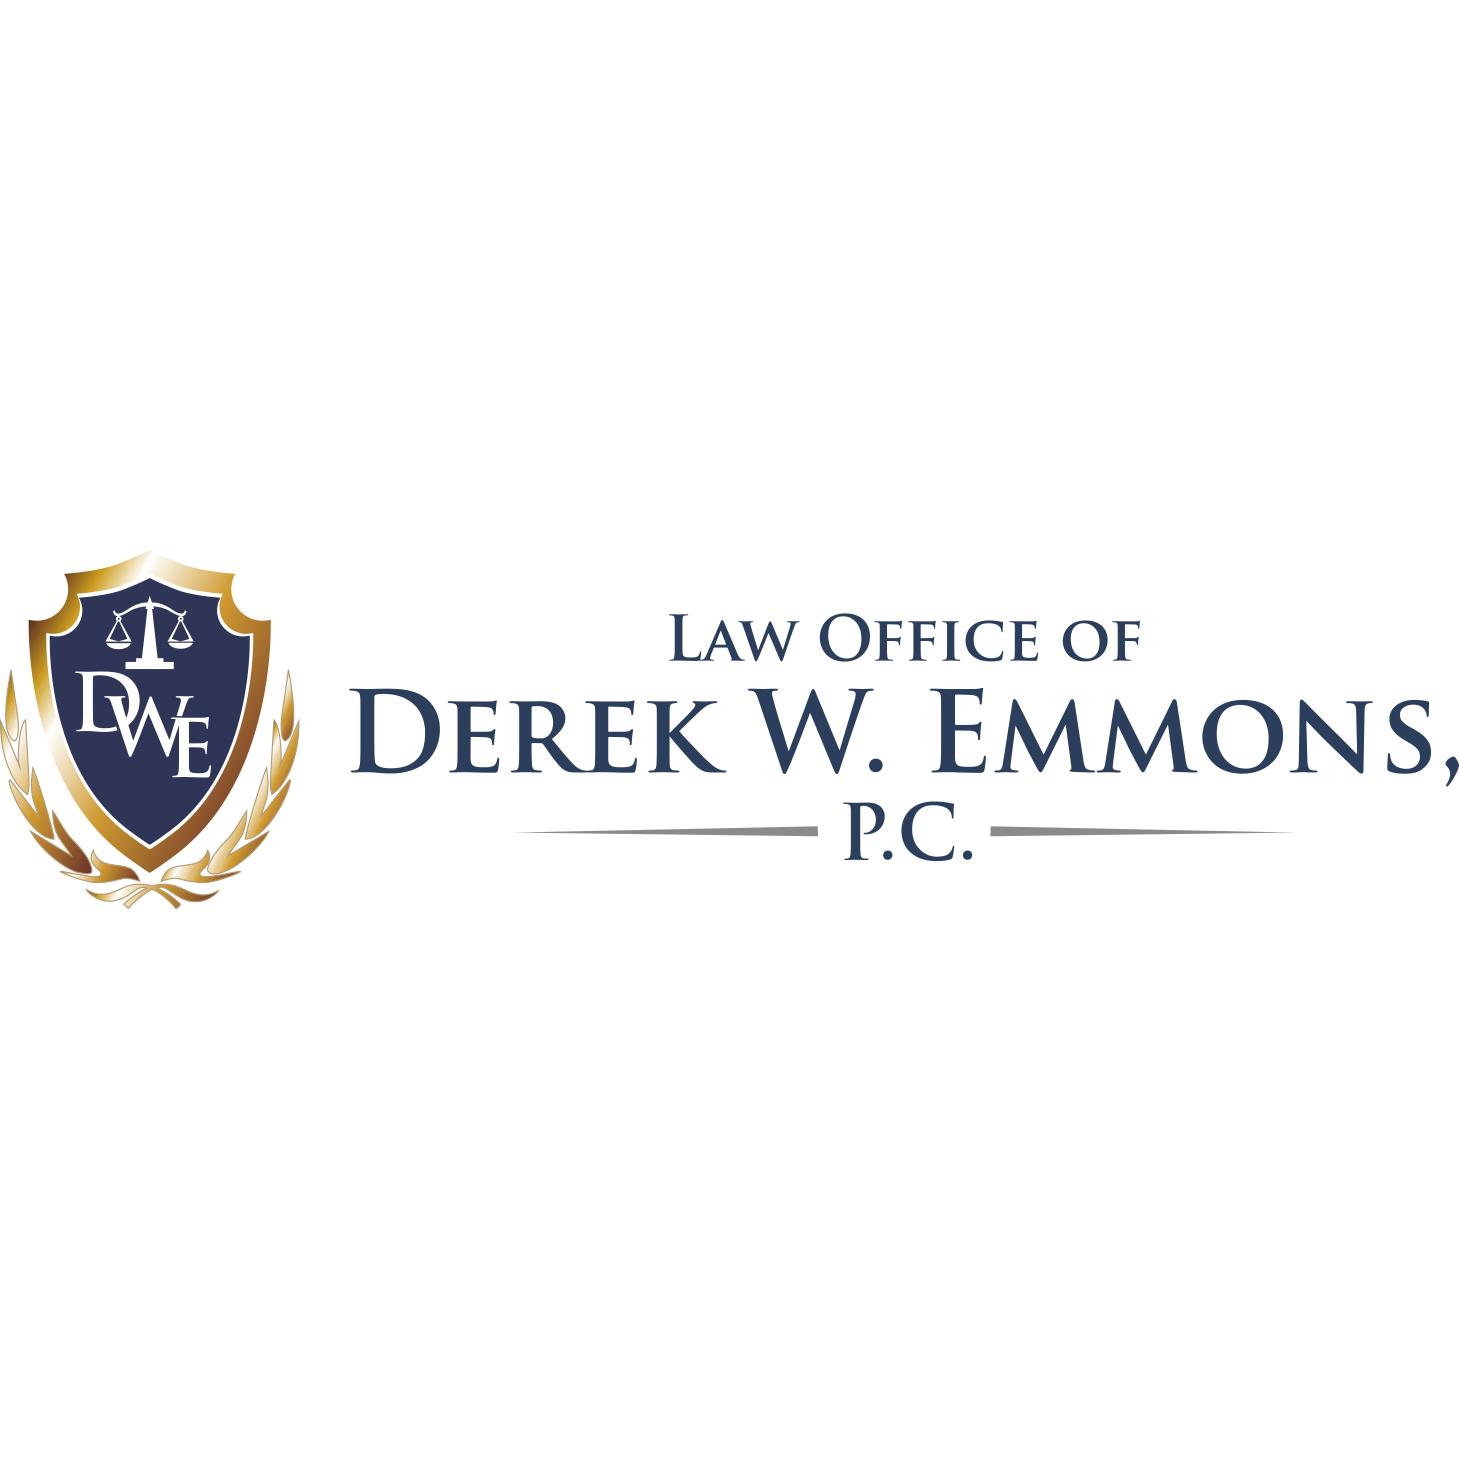 Law Office of Derek Emmons, P.C.